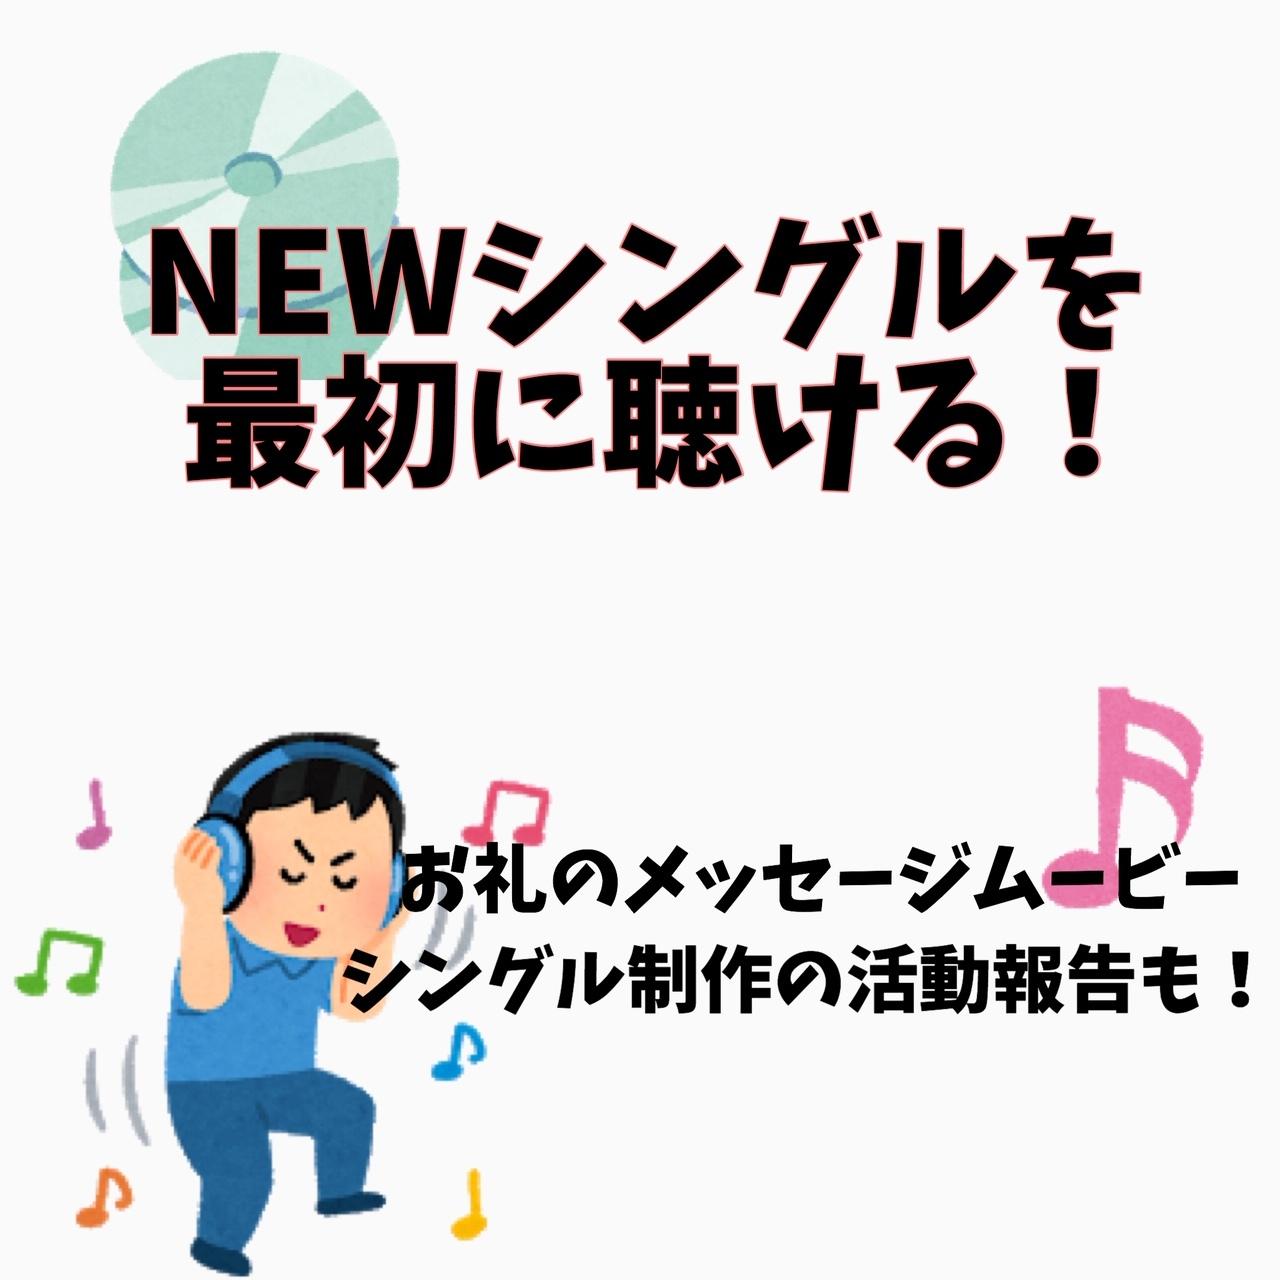 <NEWシングル 視聴プラン>